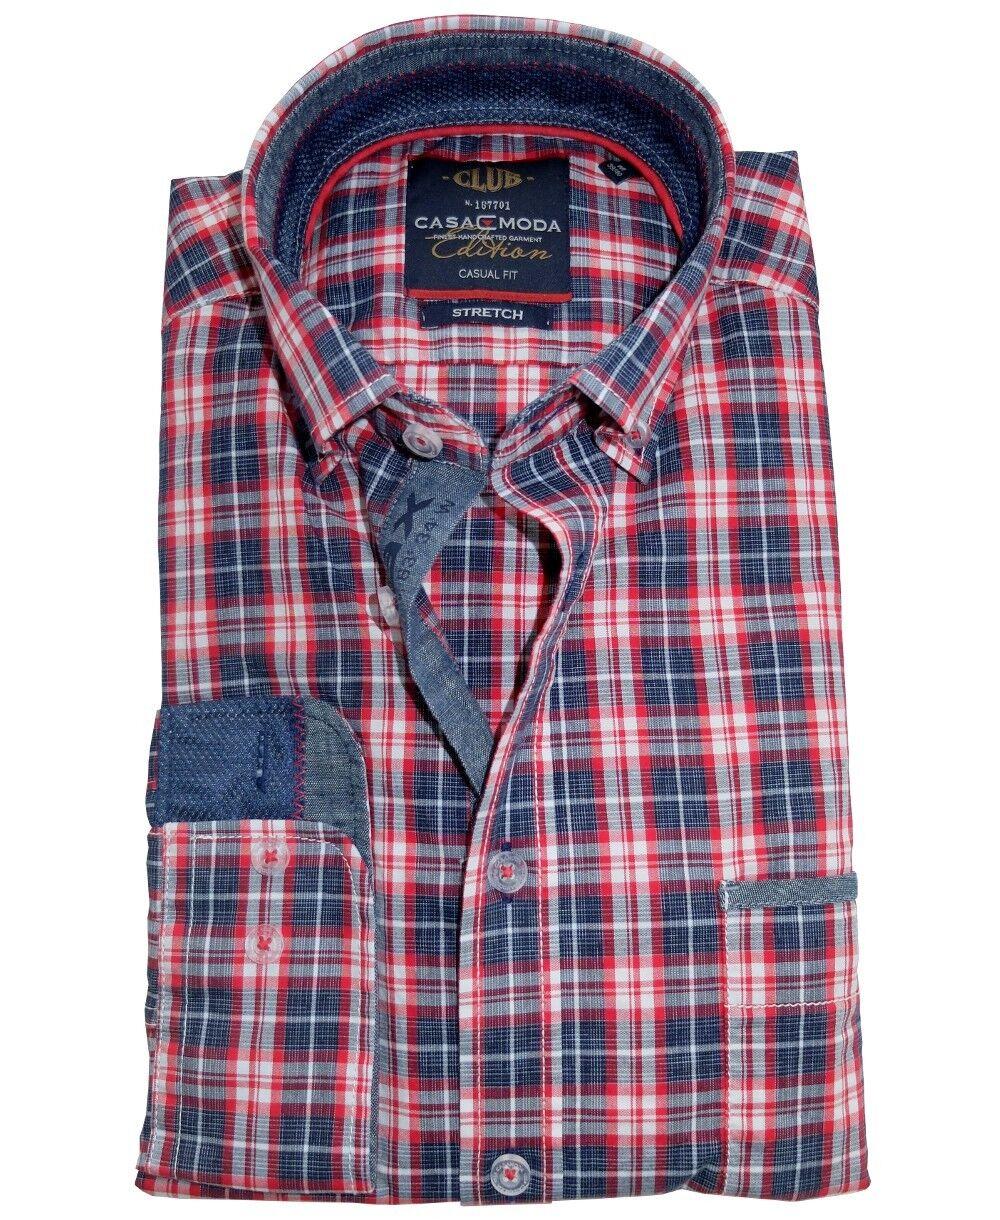 Casa Moda Casual Fit Stretch Freizeithemd Langarm in blue red weiss Karo M - 7XL